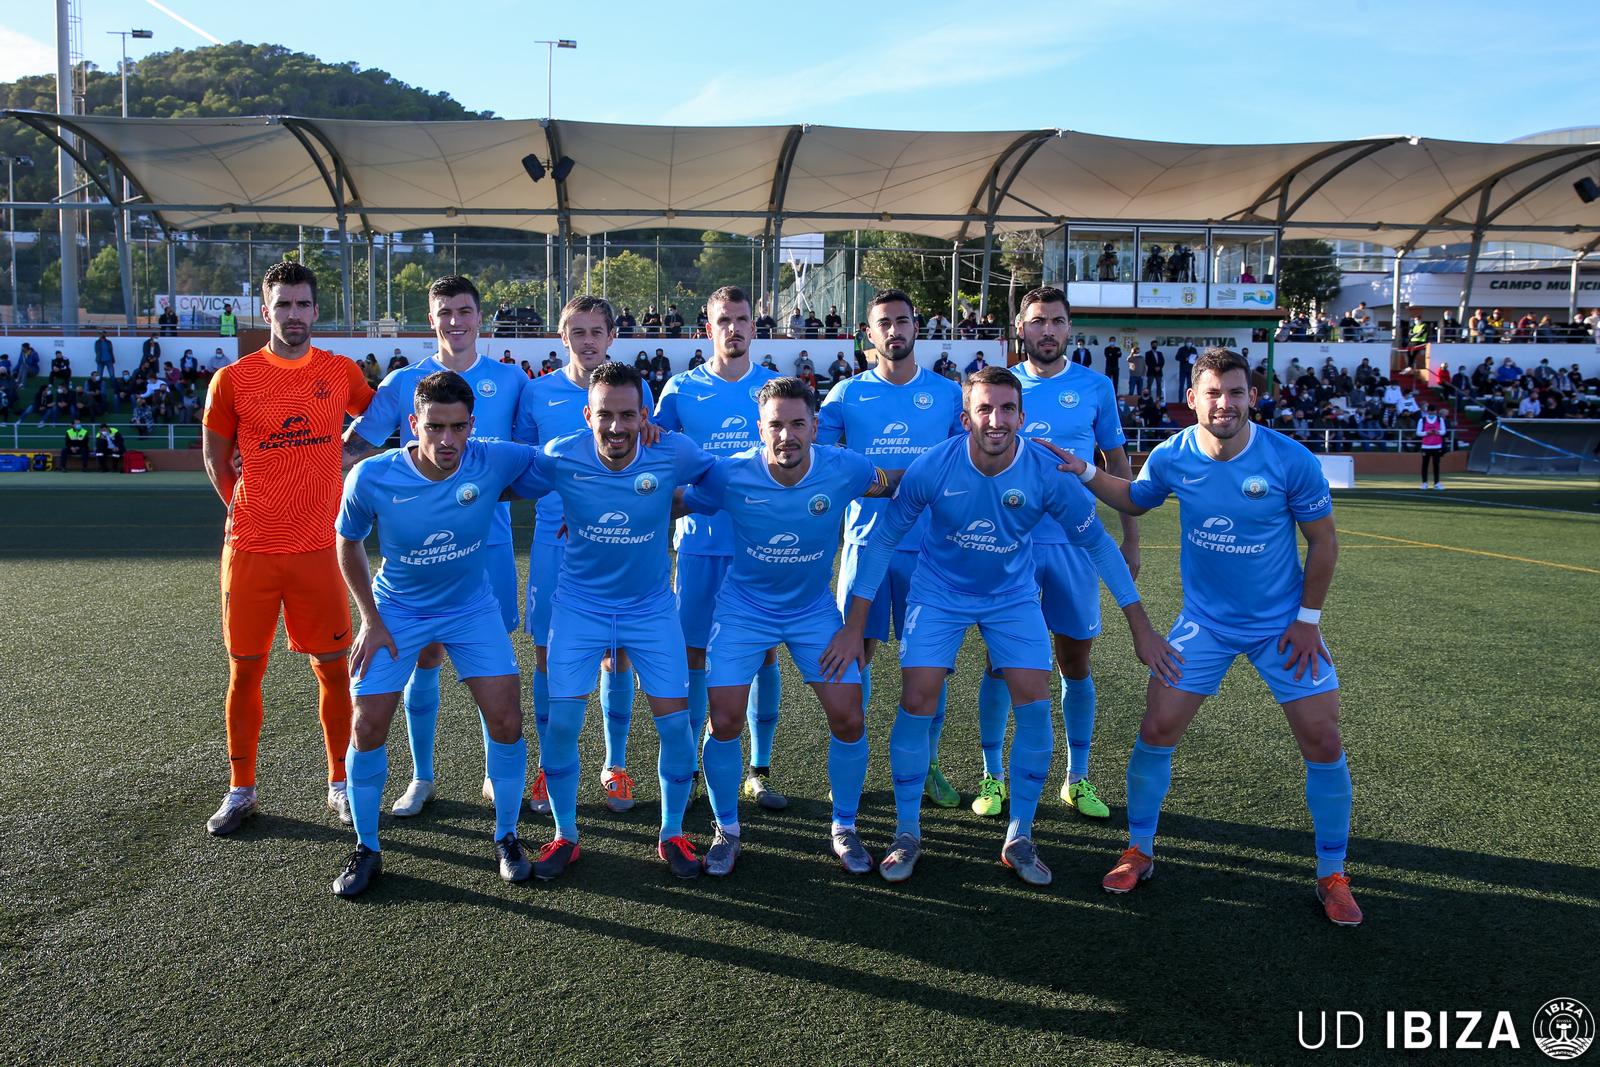 Manu Molina, campeón de invierno con la UD Ibiza